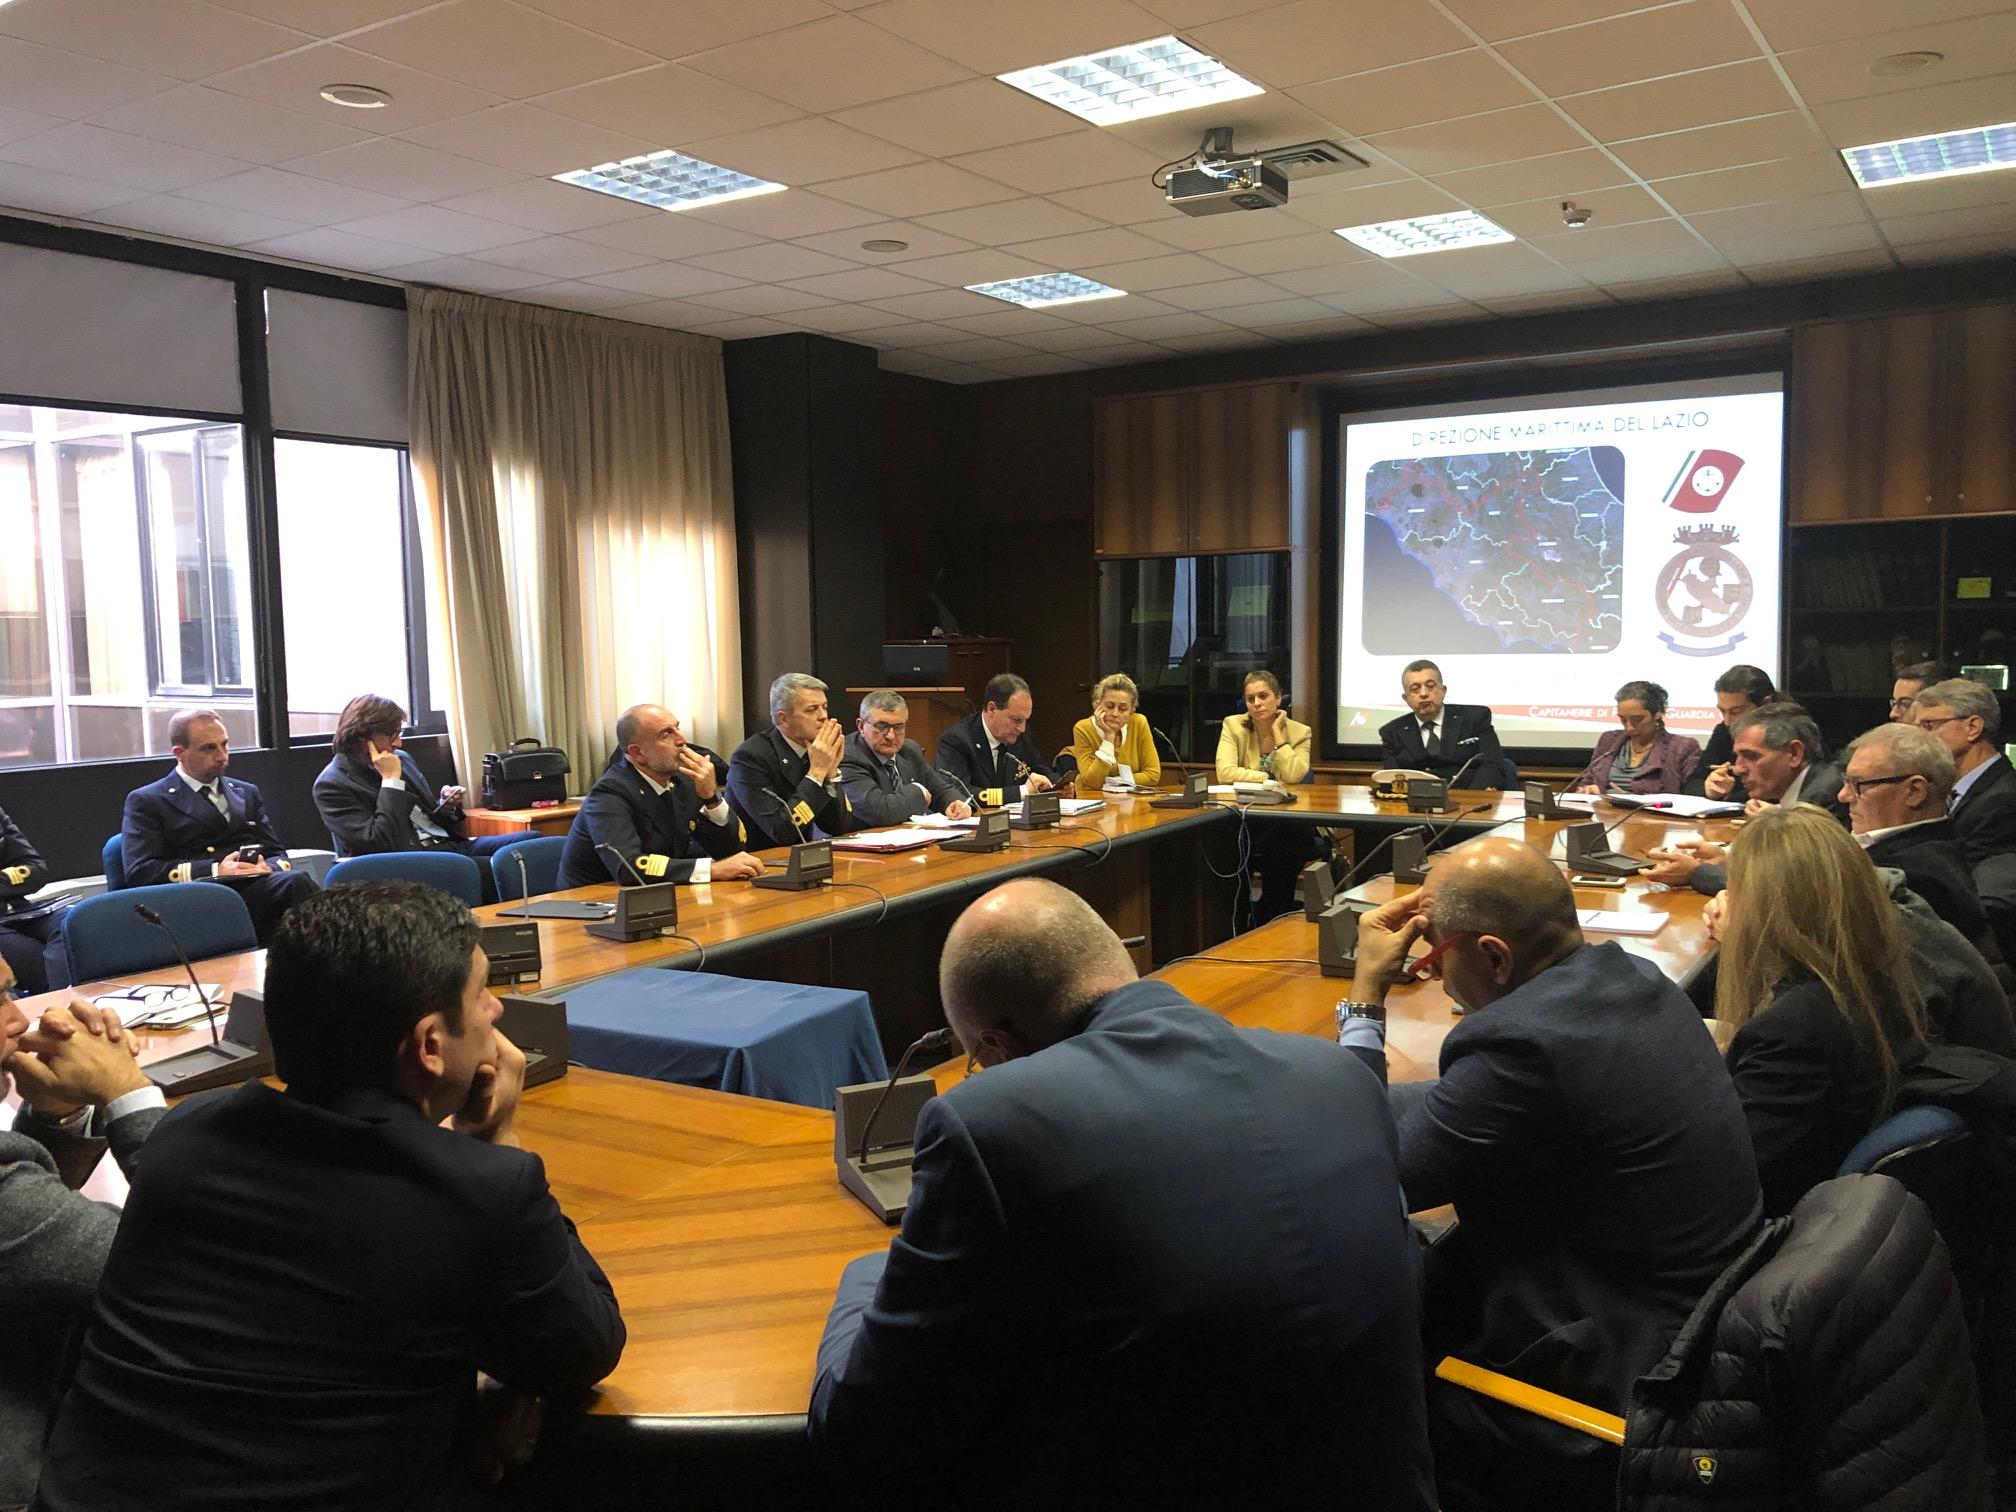 Anci Lazio e Guardia Costiera coordinano la Consulta dei Comuni Costieri coinvolgendo la Regione Lazio